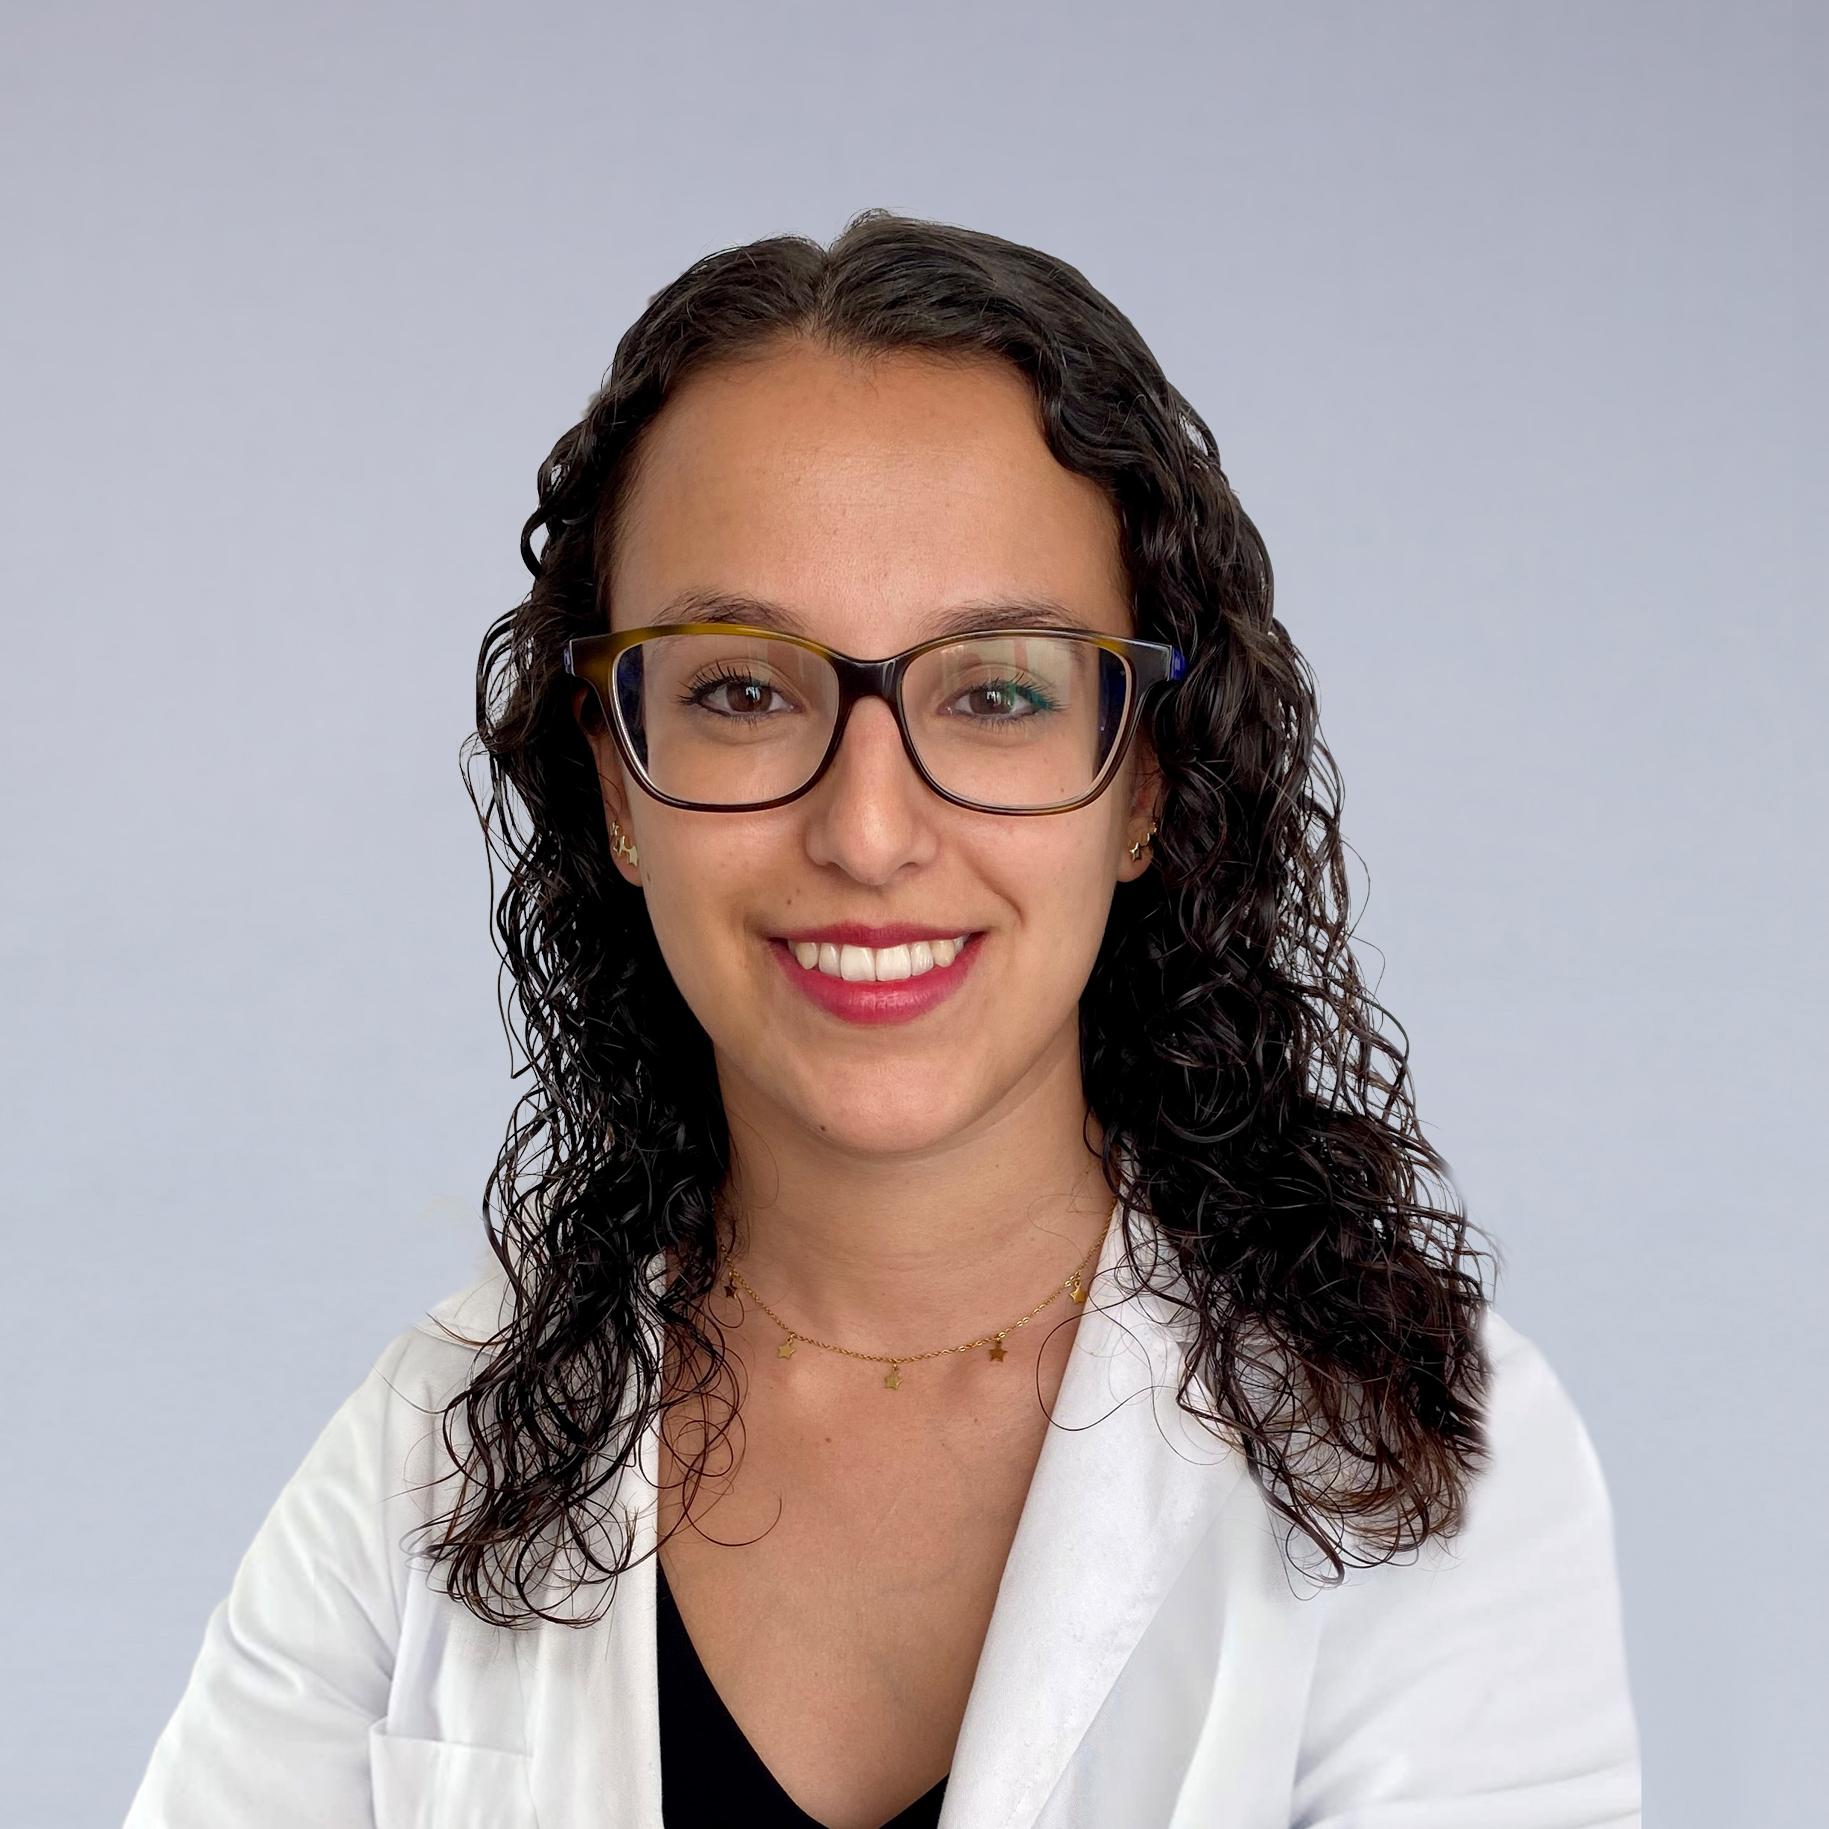 María Miranda Hernández de Lorenzo